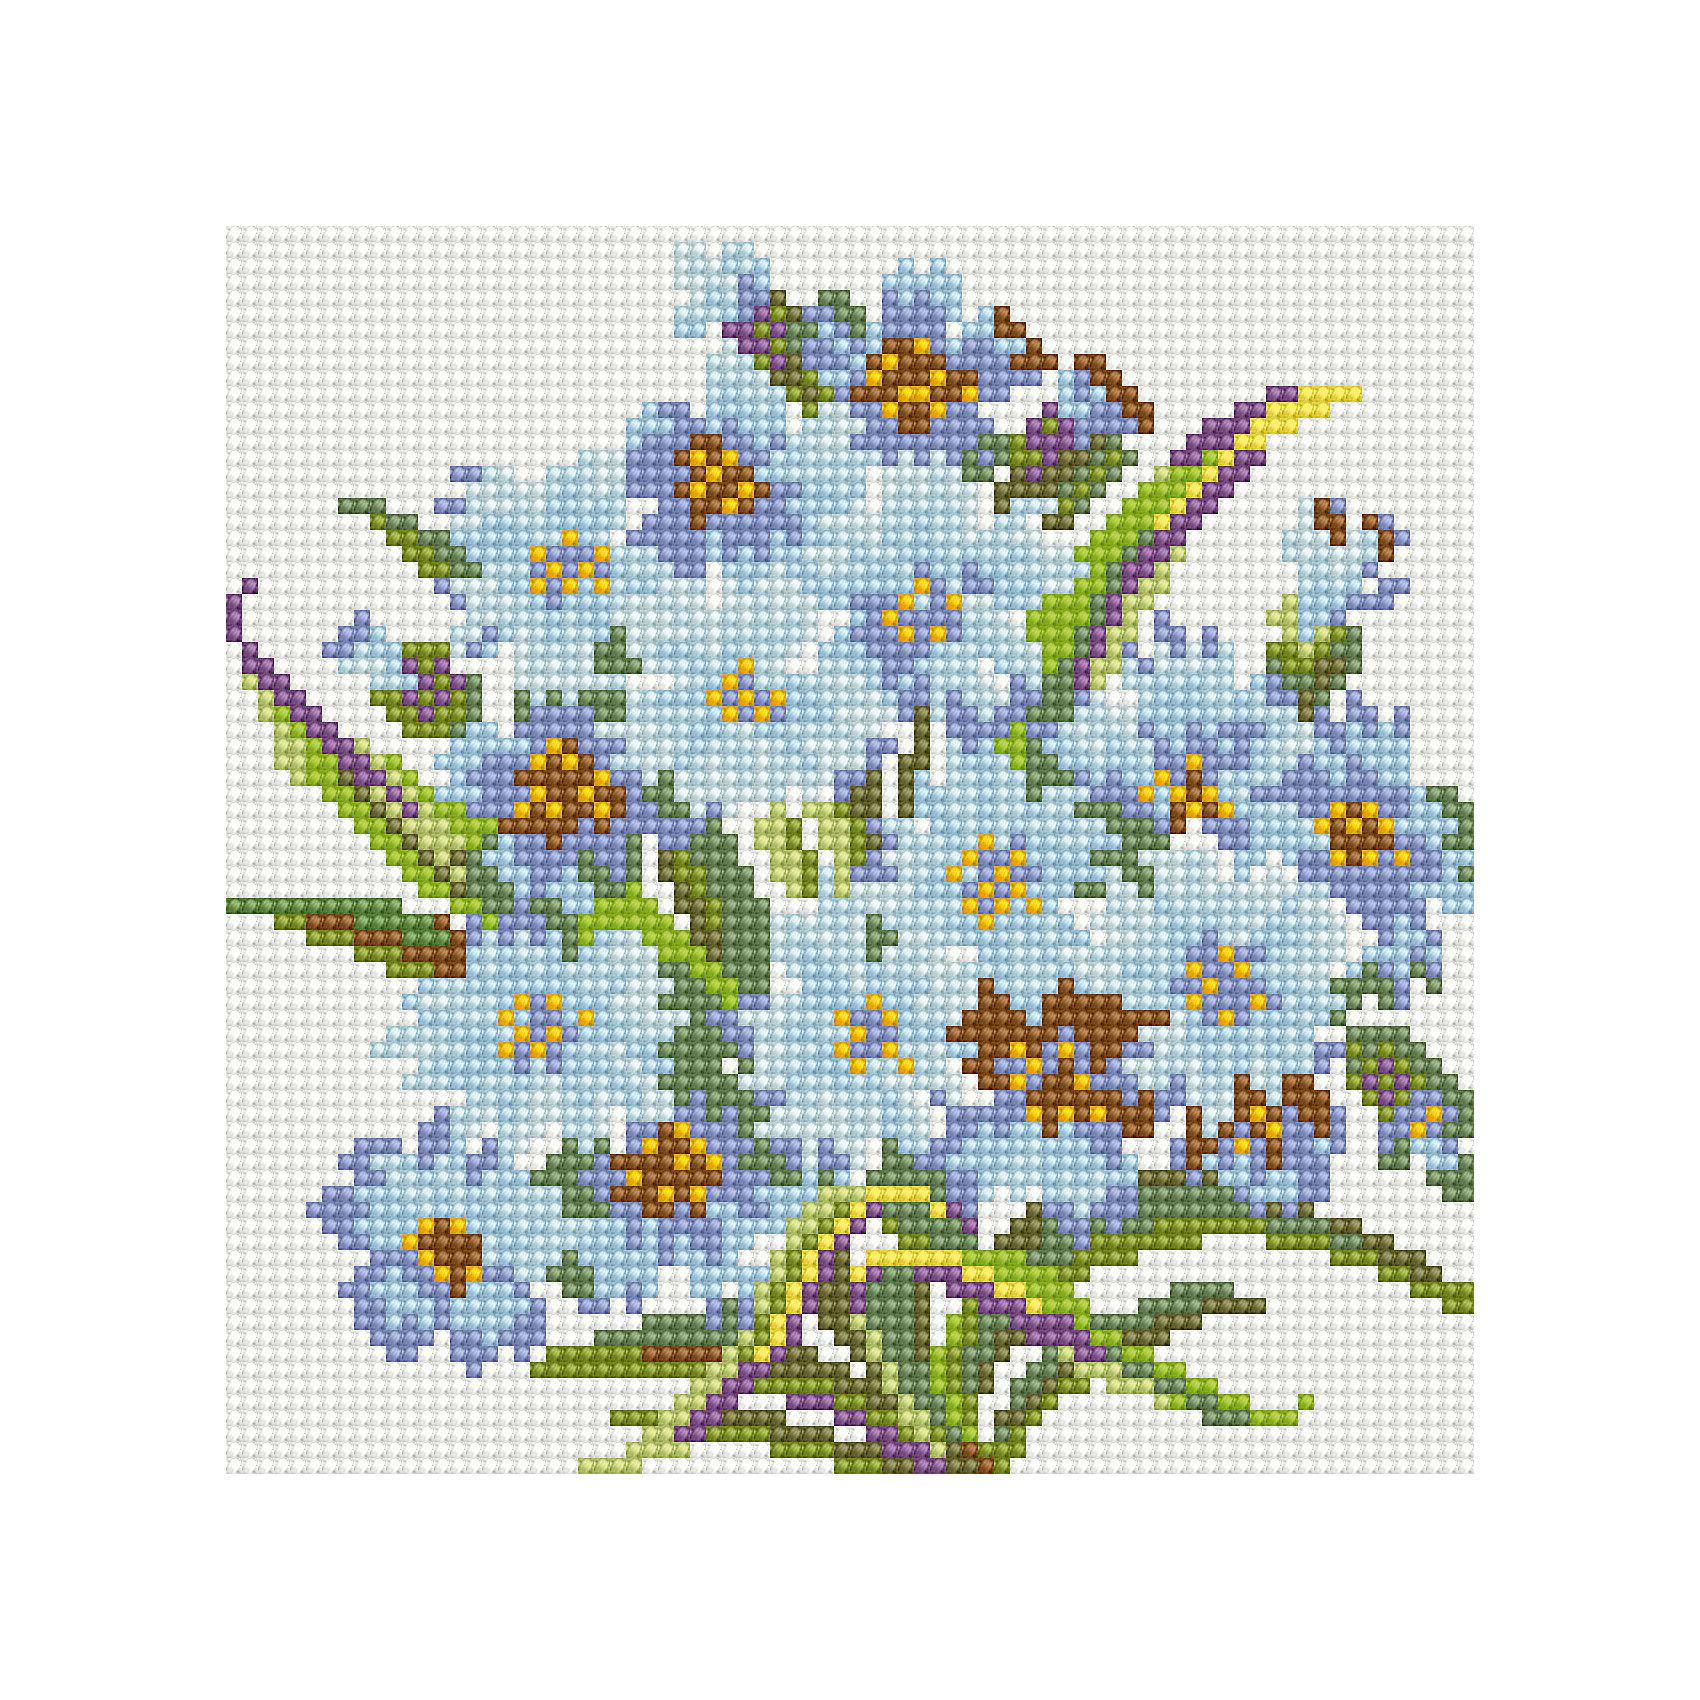 Алмазная мозаика по номерам Голубые цветы 20*20 см (на подрамнике)Характеристики товара:<br><br>• размер: 20x20 см<br>• размер упаковки: 22x22х3 см<br>• комплектация: холст на подрамнике 20х20 см, комплект искусственных камней, пинцет, пластмассовый лоток для камней, пластмассовый карандаш для камней, клей<br>• материал: акрил, текстиль, пластик<br>• не требует специальных навыков<br>• для творчества<br>• страна бренда: Российская Федерация<br>• страна производства: Китай<br><br>Алмазная мозаика в настоящий момент очень популярна, и это не удивительно! С помощью подобных наборов можно создавать красивые переливающиеся картины, при этом совсем не обязательно иметь опыт рукоделия. В набор для создания алмазной мозаики входит основа, на которую нужно наклеить небольшие камни - поля пронумерованы, поэтому найти для них правильное место не составит труда. В итоге получается картина, которой можно украсить помещение или подарить кому-то!<br>Набор станет отличным подарком для взрослых и детей. Подобные занятия помогают ребенку развивать важные навыки и способности, они активизирует мышление, формируют усидчивость, логику, абстрактное мышление и воображение. Изделие производится из качественных и проверенных материалов, которые безопасны для детей.<br><br>Алмазную мозаику по номерам Голубые цветы 20*20 см (на подрамнике) от бренда Tukzar можно купить в нашем интернет-магазине.<br><br>Ширина мм: 220<br>Глубина мм: 220<br>Высота мм: 30<br>Вес г: 900<br>Возраст от месяцев: 96<br>Возраст до месяцев: 2147483647<br>Пол: Женский<br>Возраст: Детский<br>SKU: 5217055